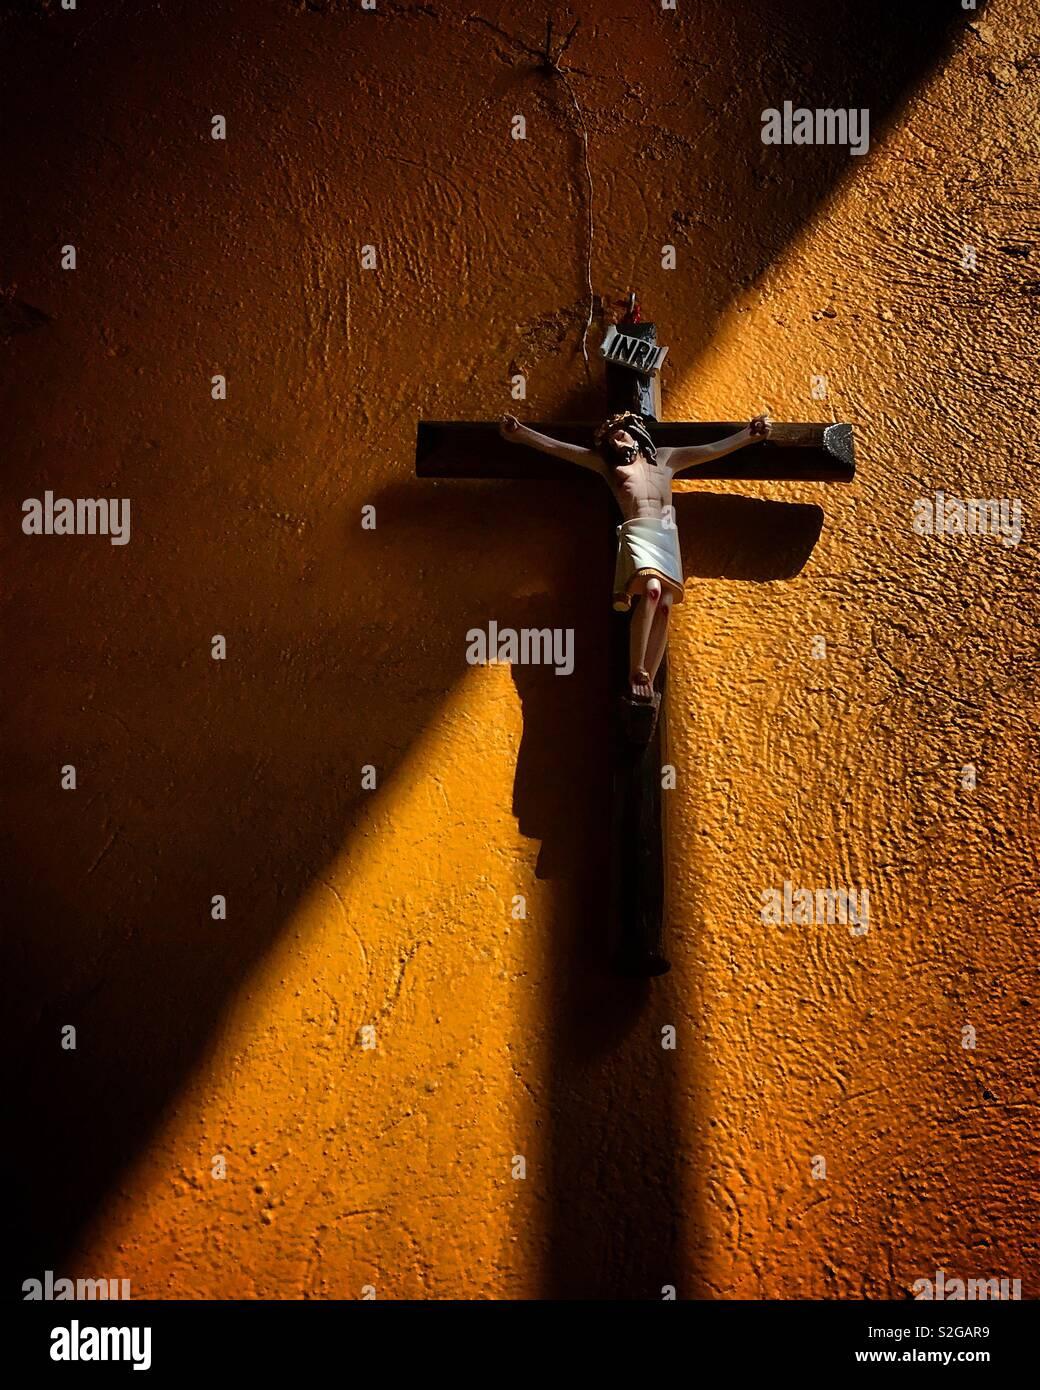 La lumière du soleil illumine une sculpture de Jésus Christ crucifié à Tequisquiapan, Queretaro, Mexique Banque D'Images